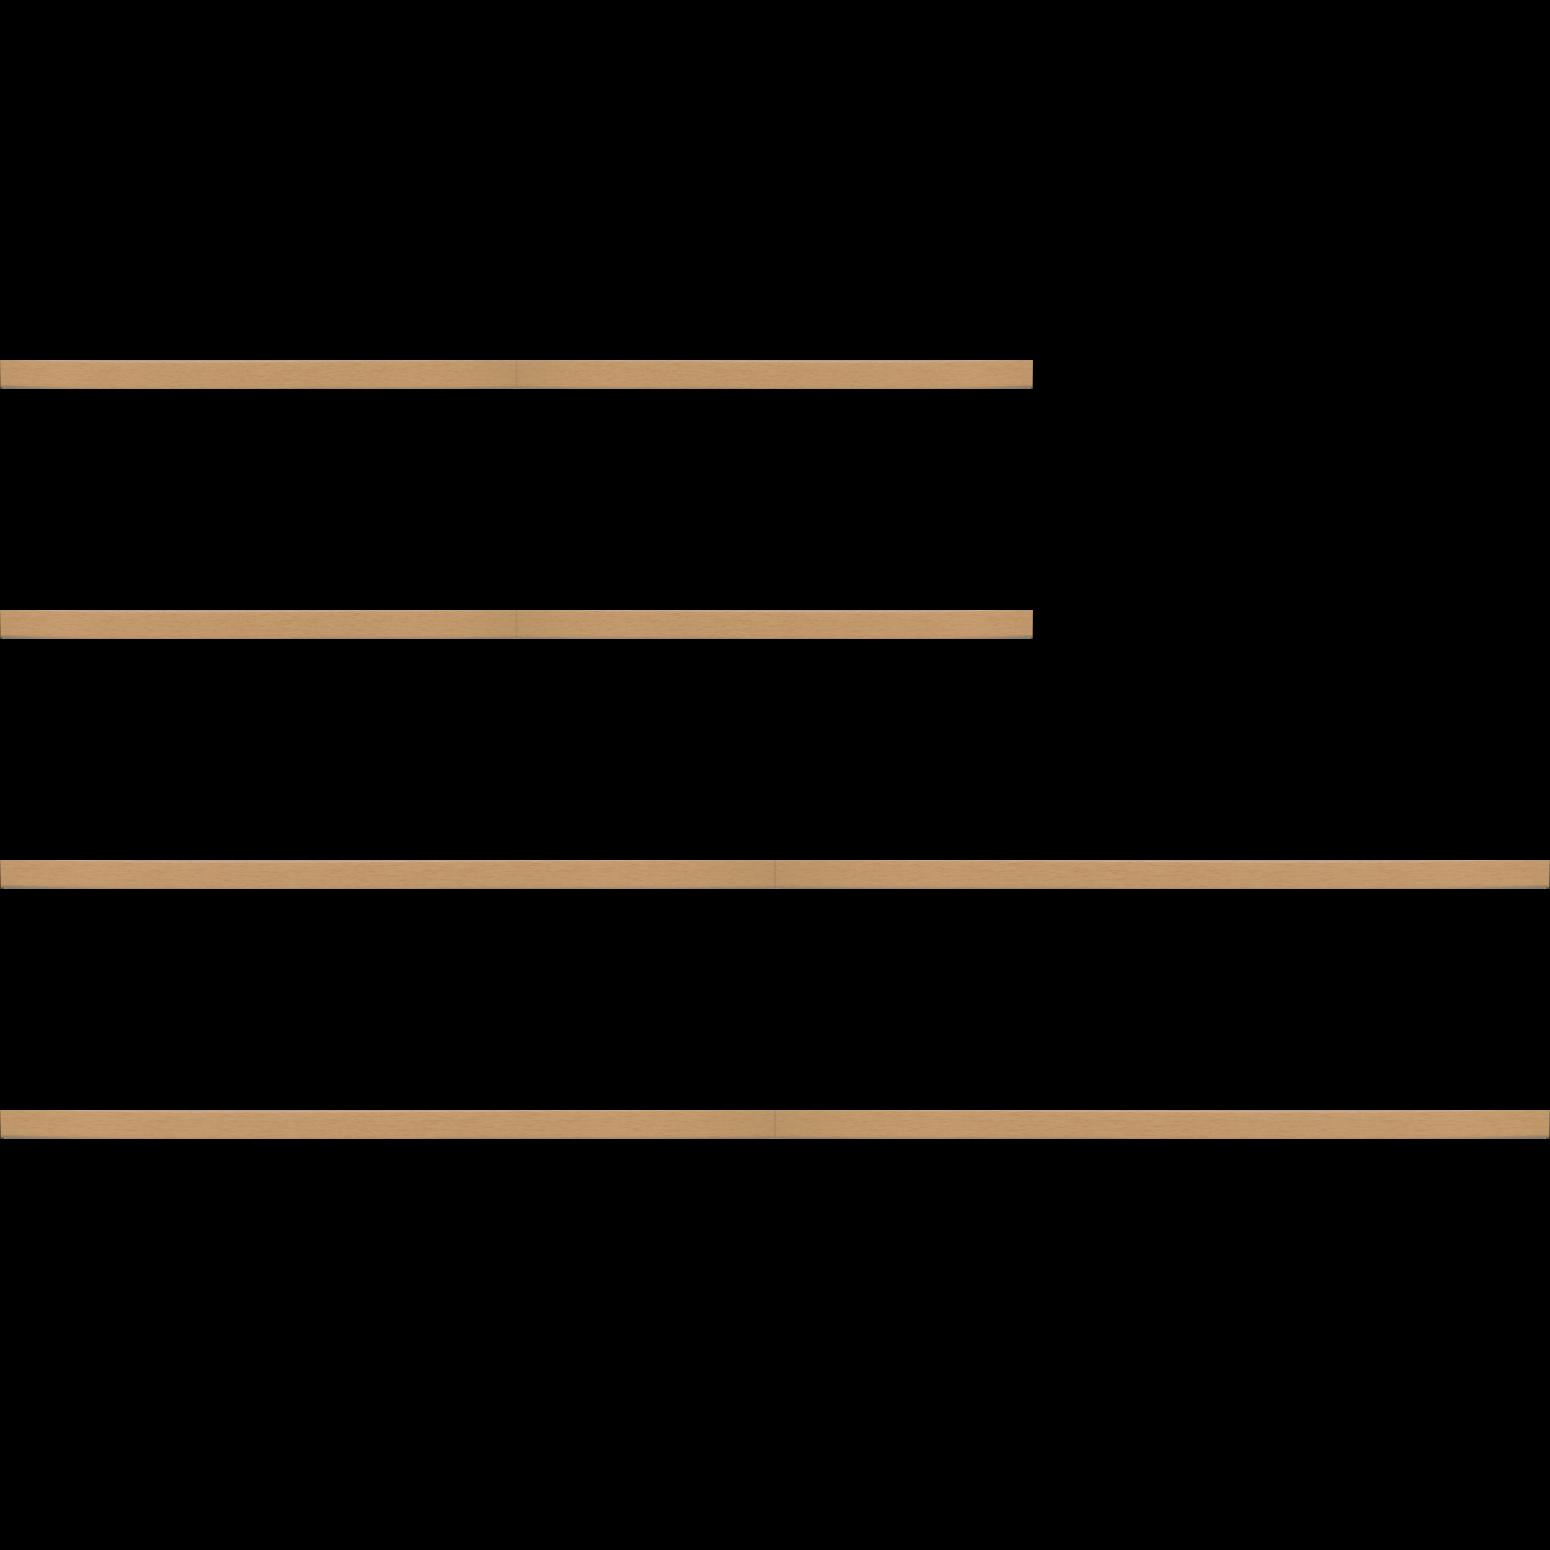 Baguette bois profil plat effet cube largeur 2cm couleur naturel satiné